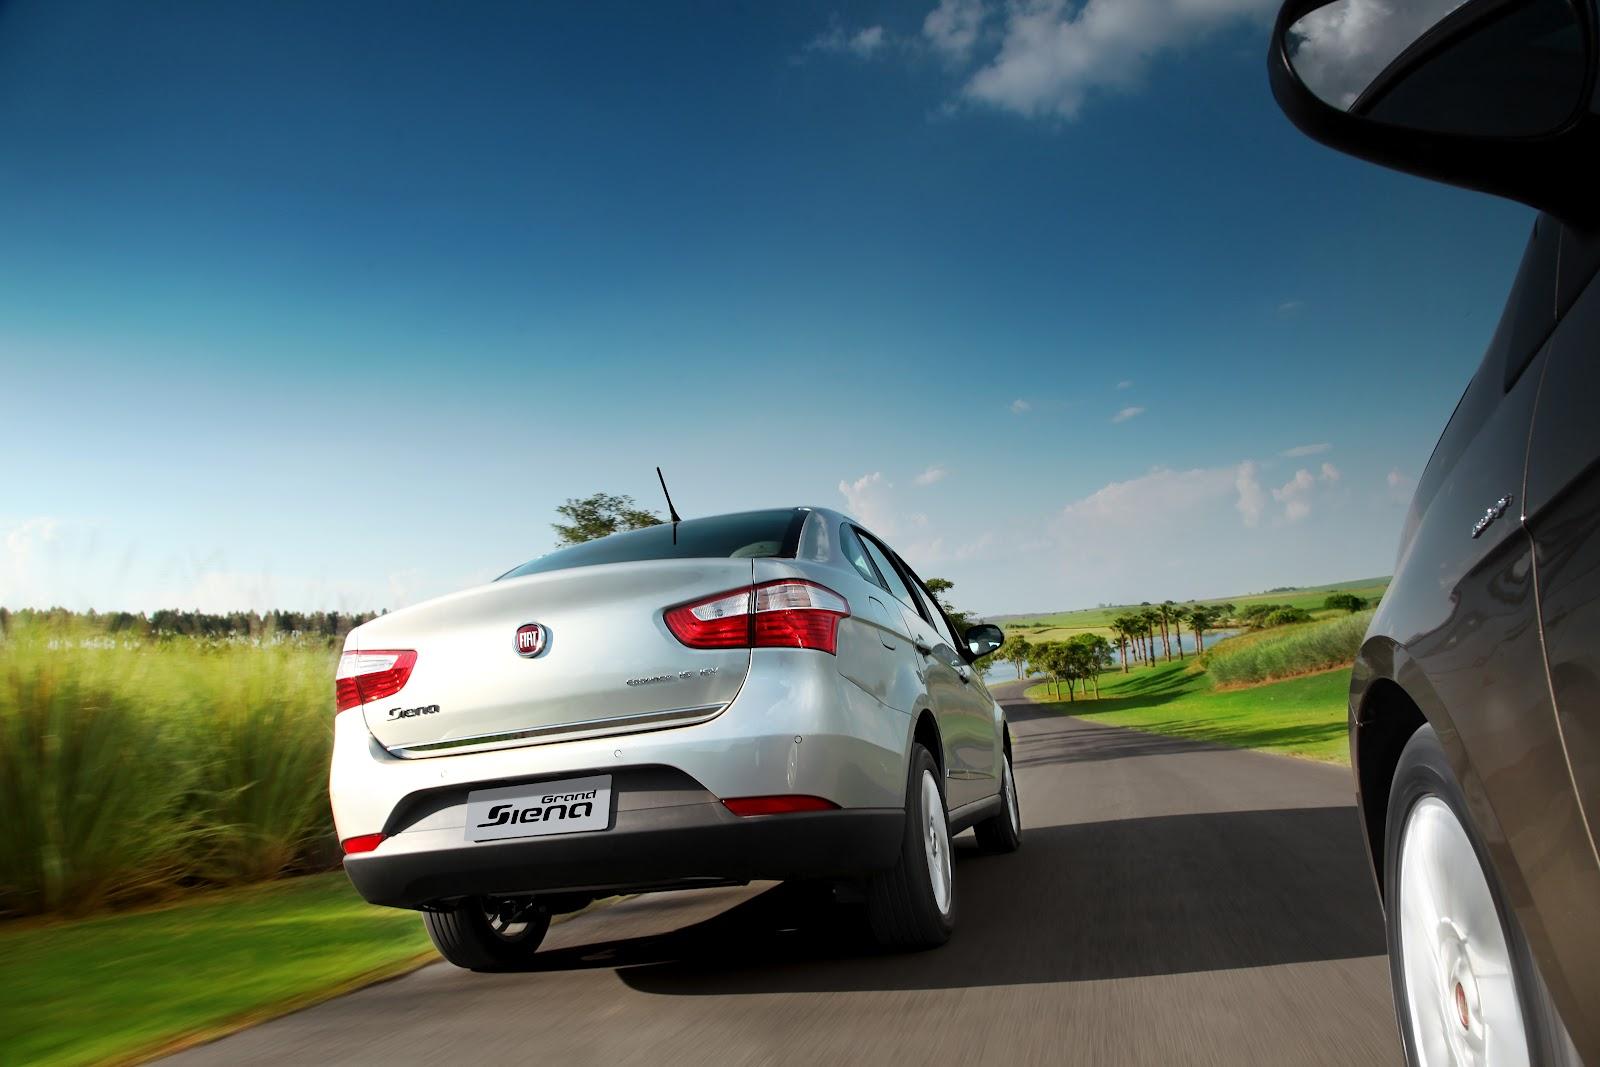 Fiat Grand Siena já está disponível para demonstração e teste na Carboni Fiat SIENA%25207%2520 %2520Essence